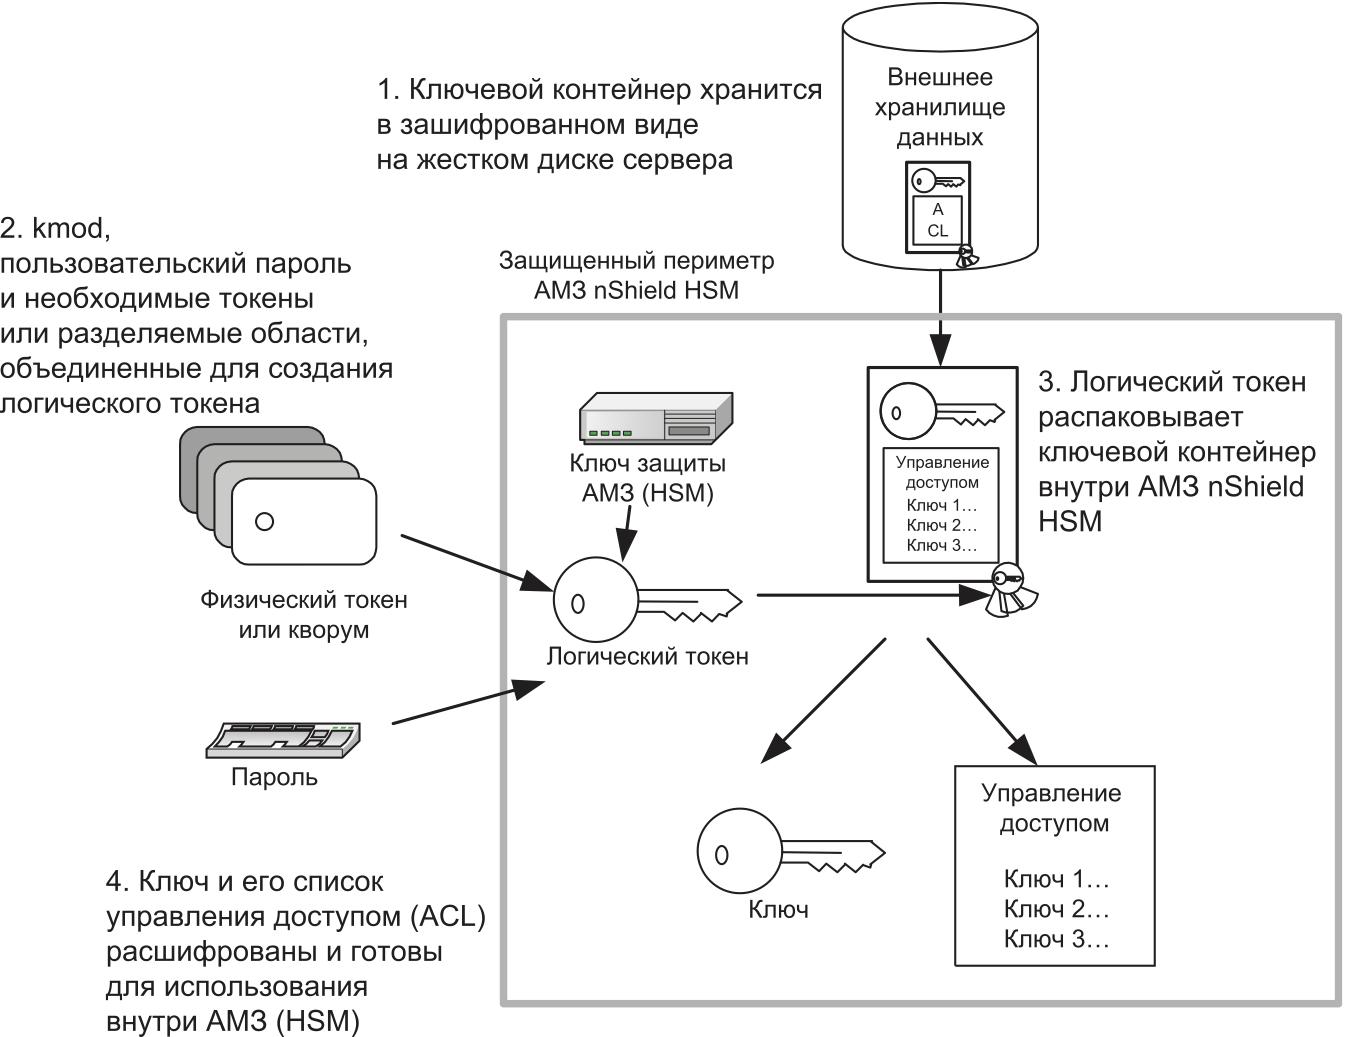 Схема управления ключами